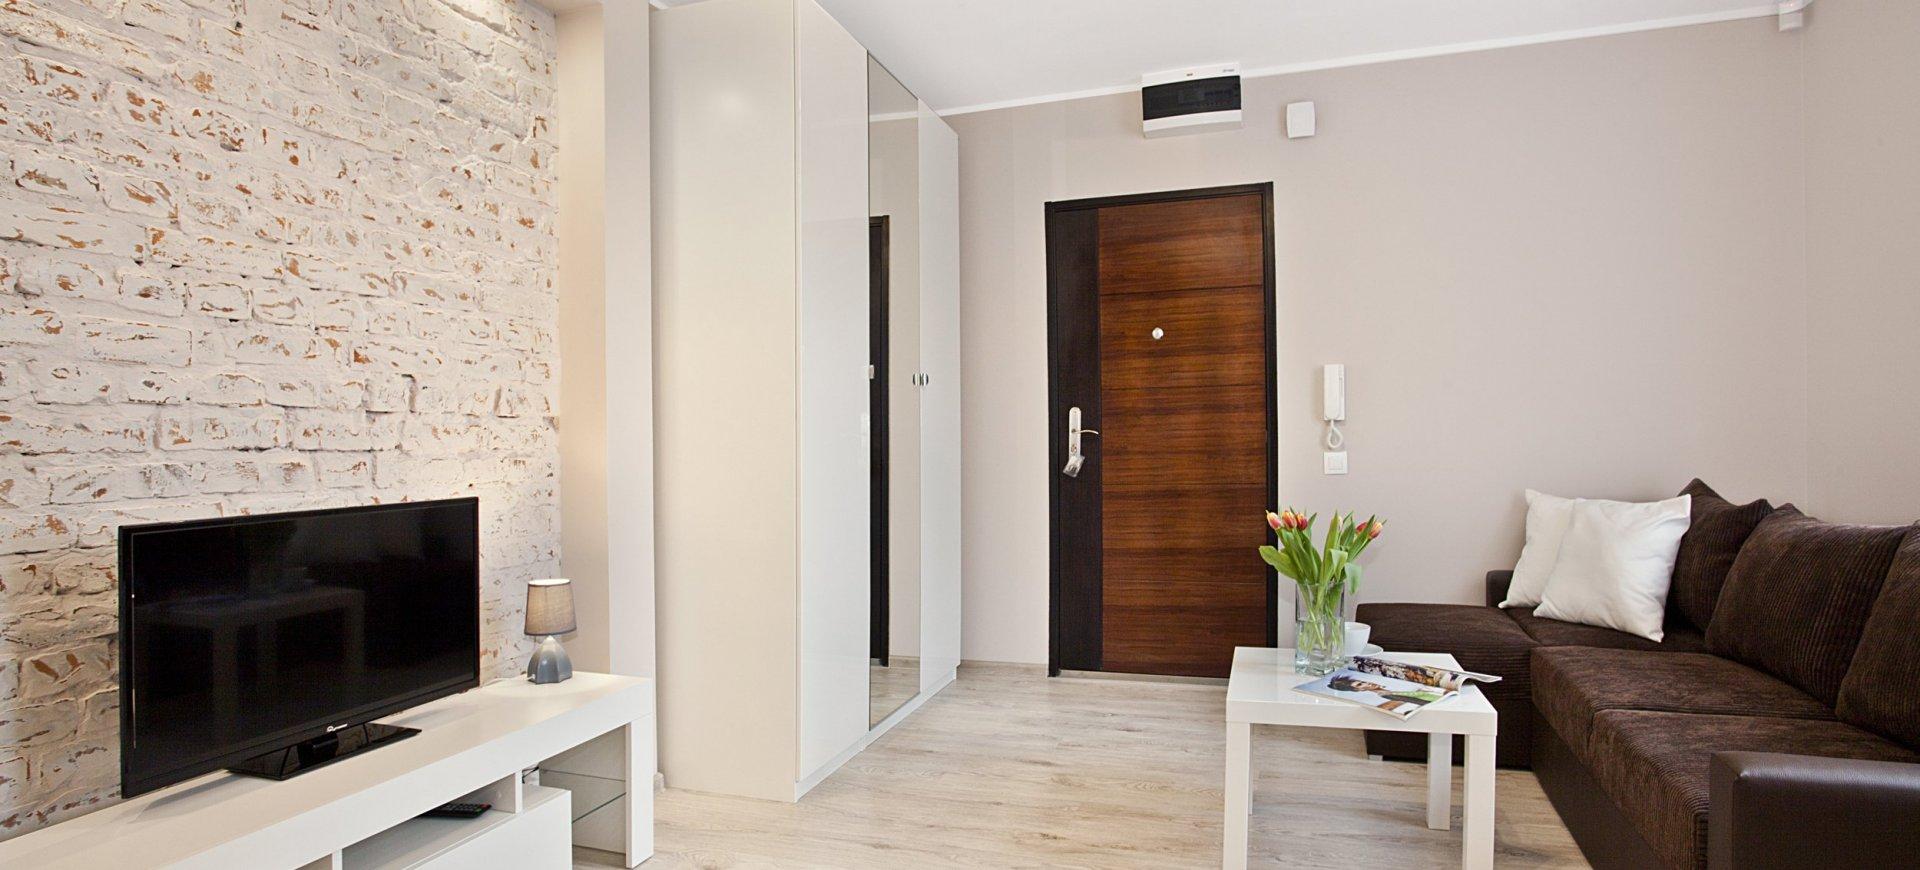 Apartament Moderno 1D